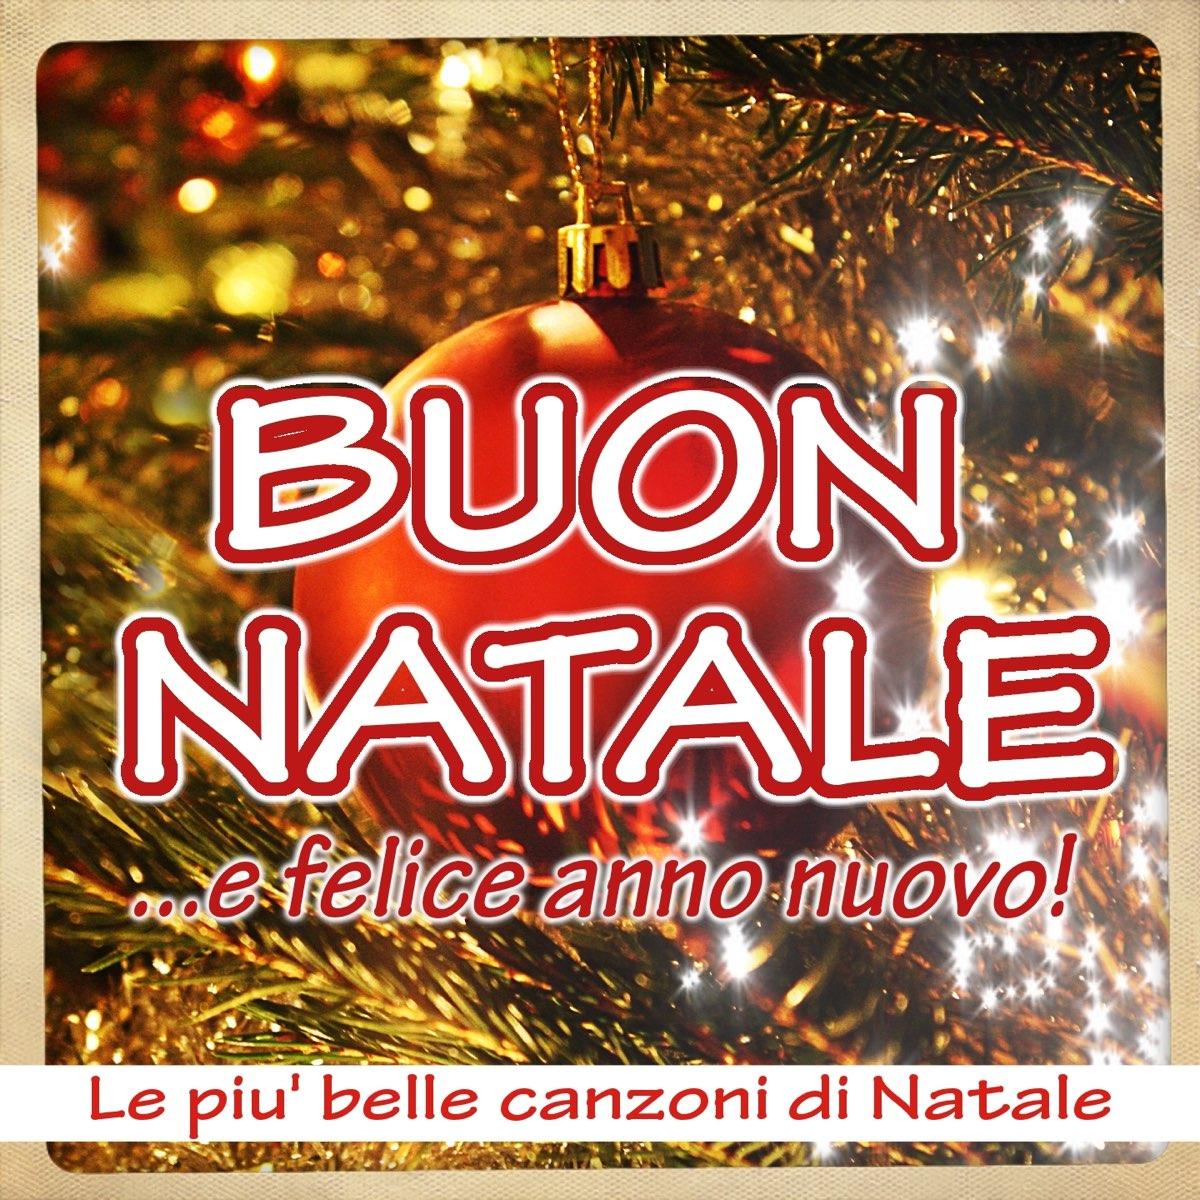 Auguri Di Buon Natale Canzone Testo.Buon Natale E Felice Anno Nuovo Le Piu Belle Canzoni Di Natale Di Italian Babies Su Apple Music